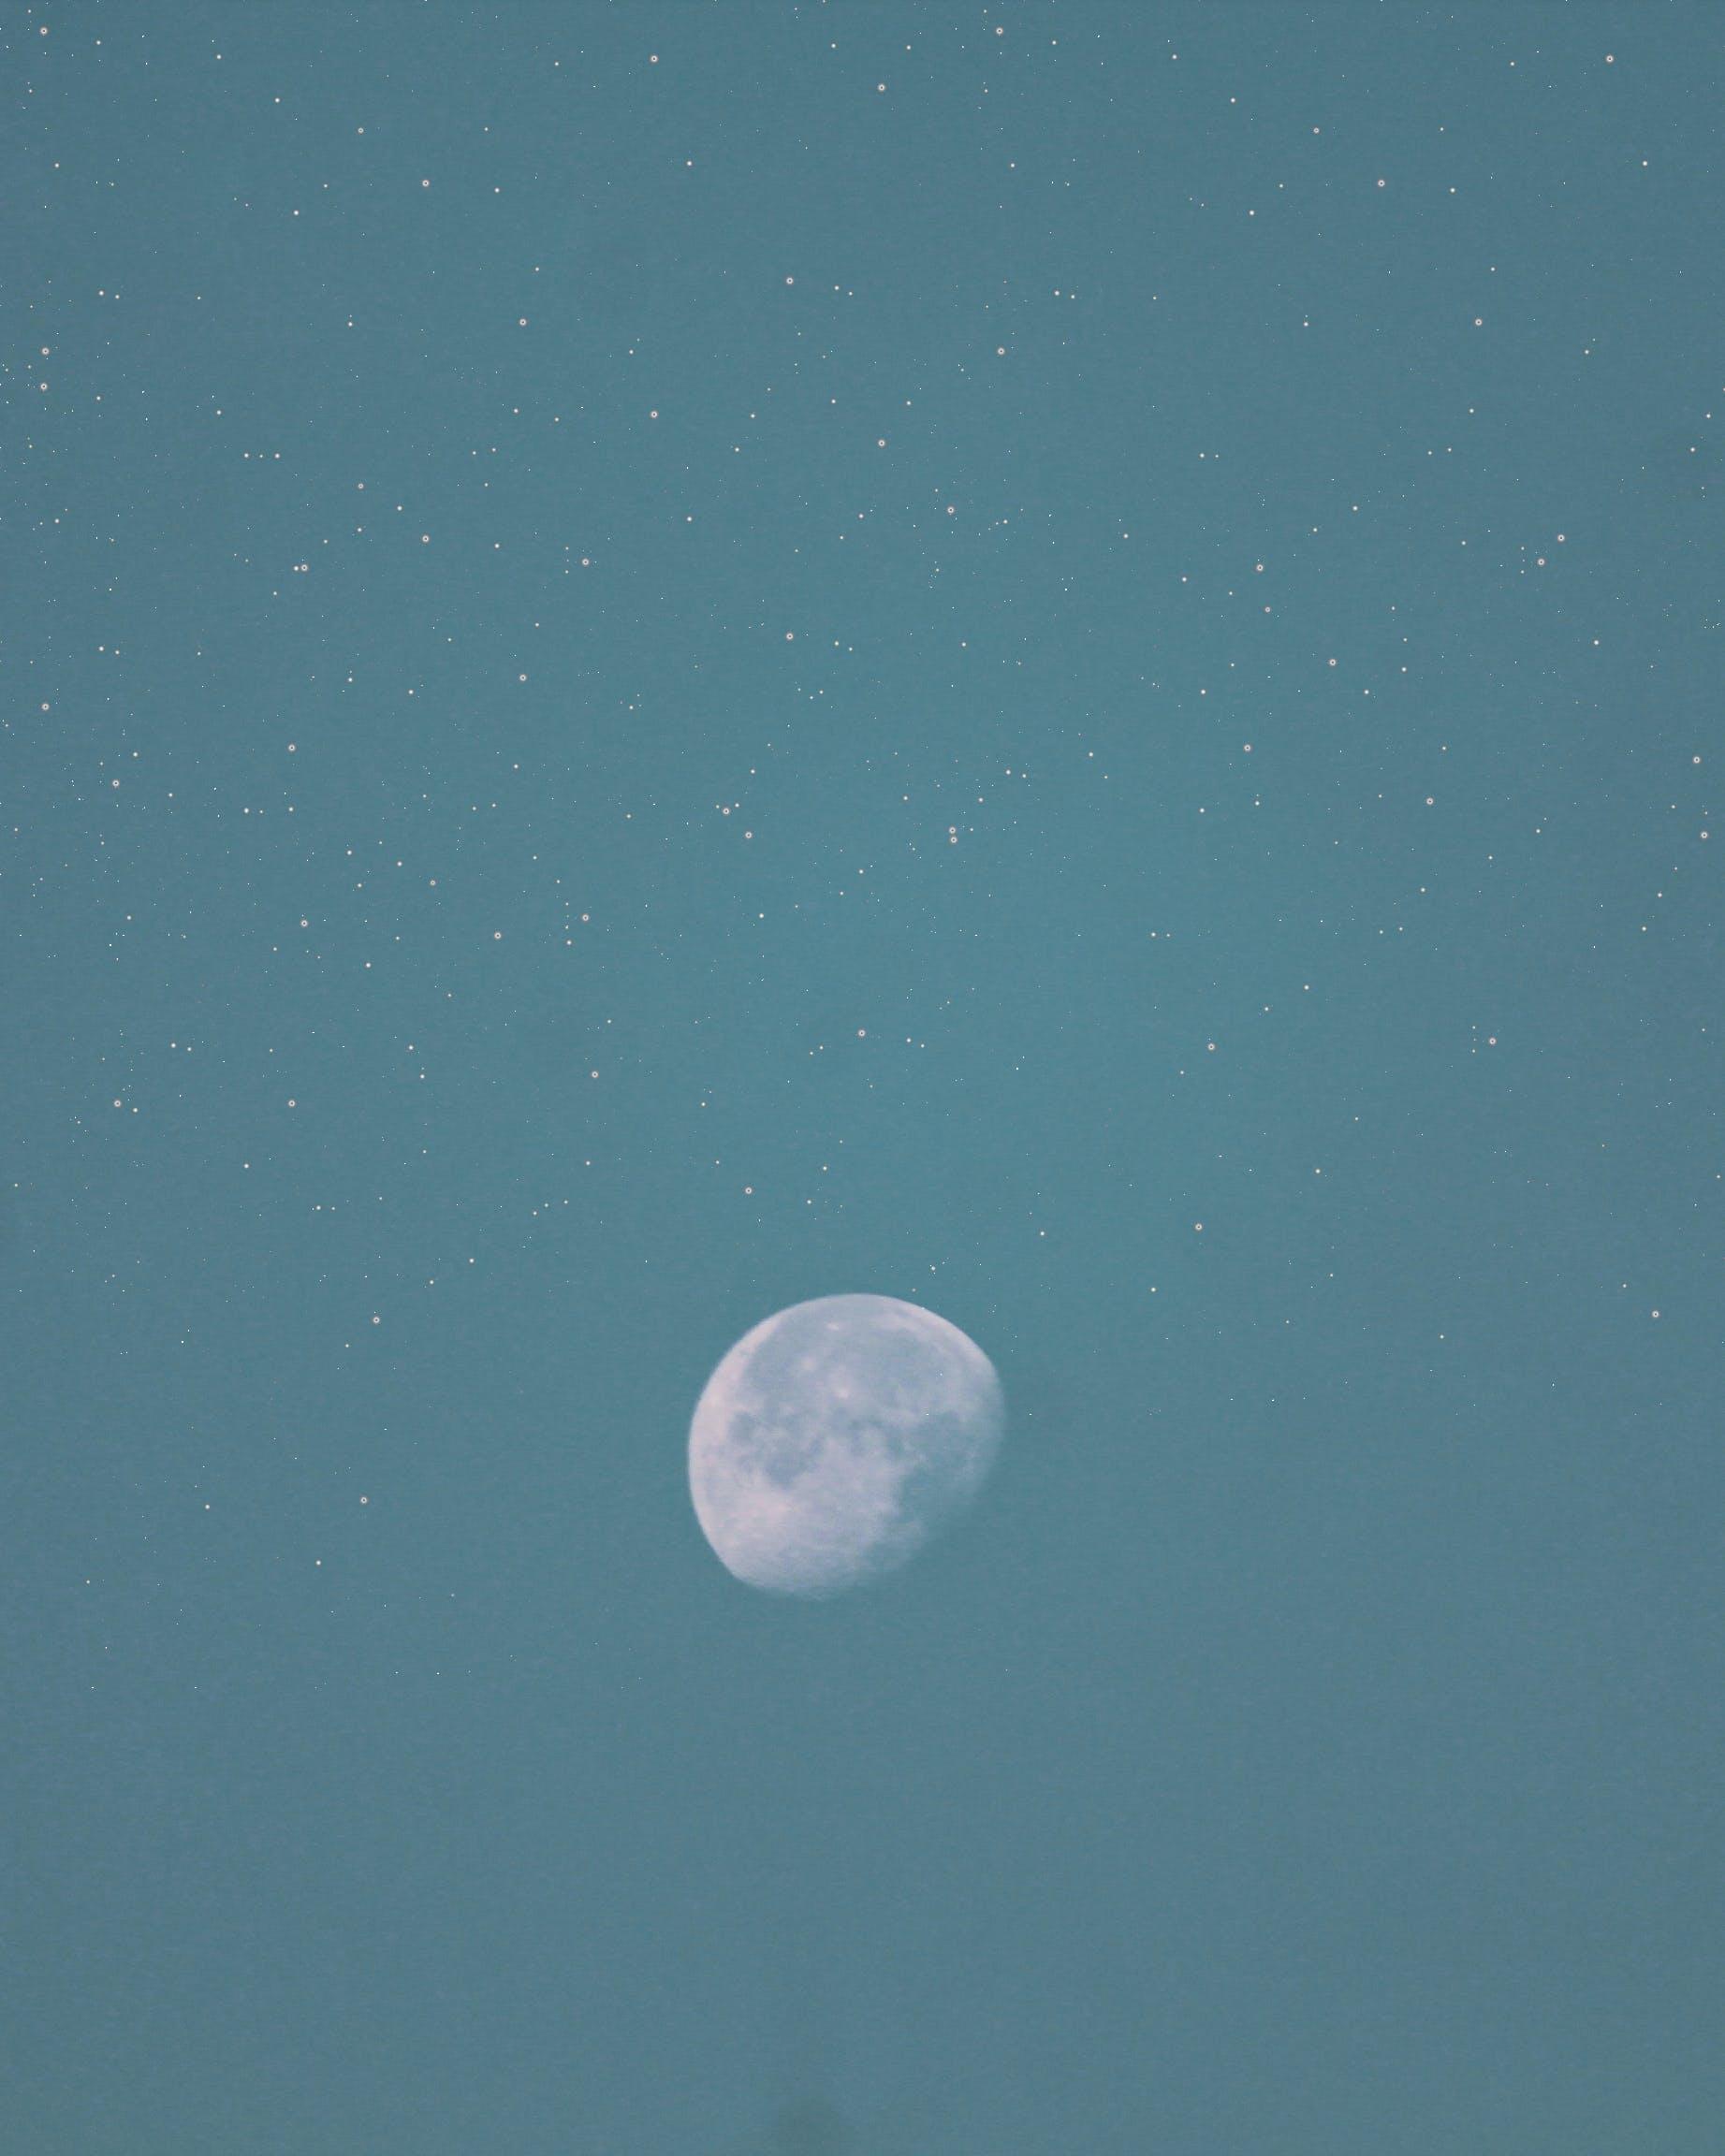 Free stock photo of blue sky, full of stars, moody, moon